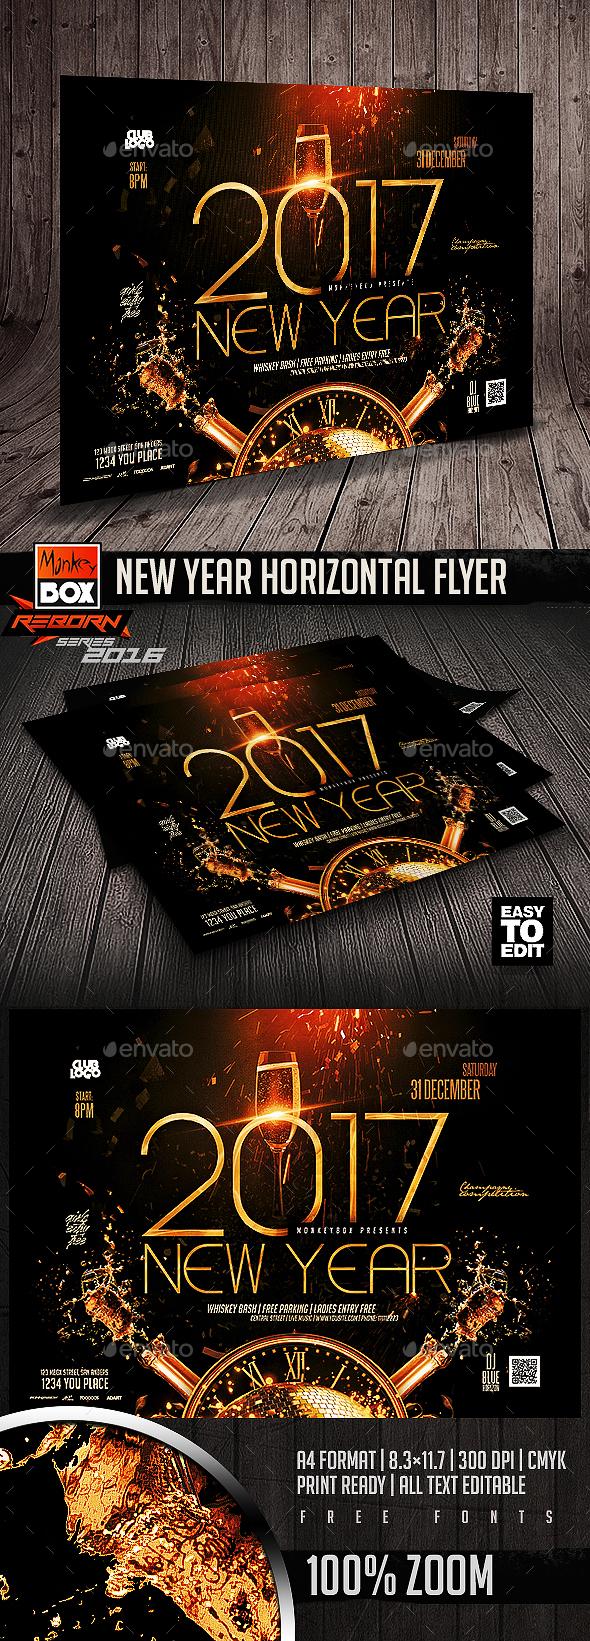 New Year Horizontal Flyer - Flyers Print Templates